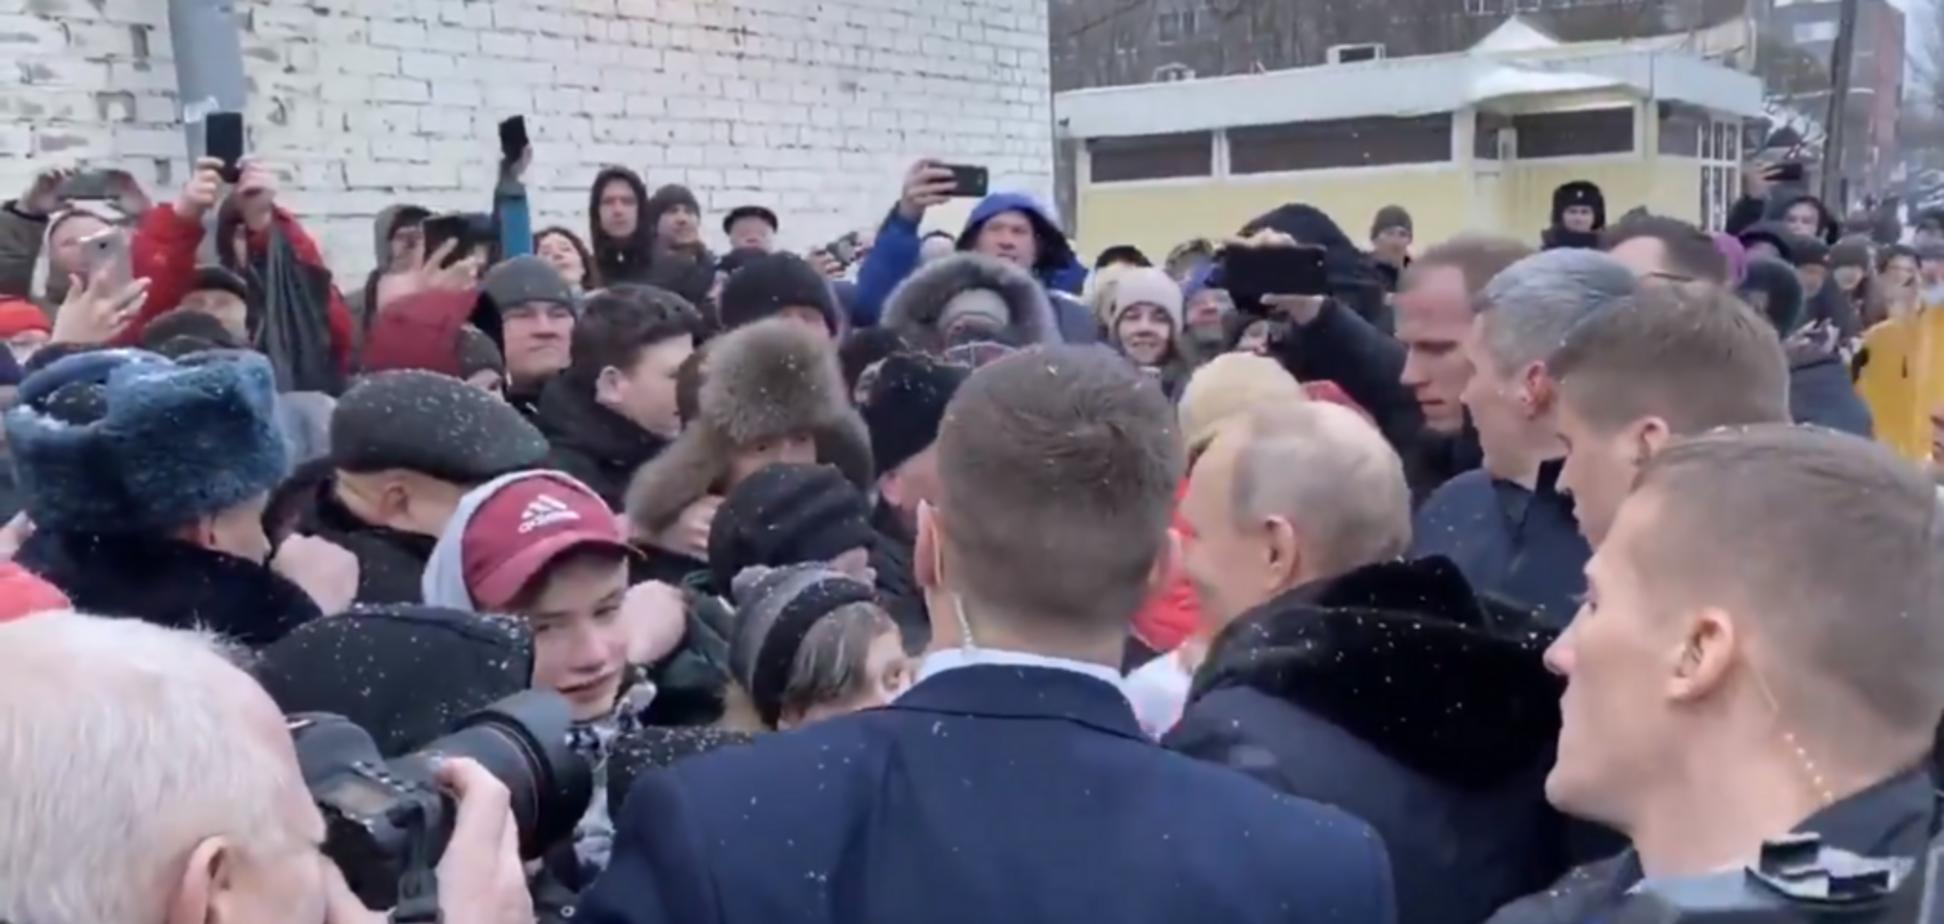 'Цар зійшов до холопів!' У мережі висміяли 'випадкову' зустріч Путіна з народом. Відео